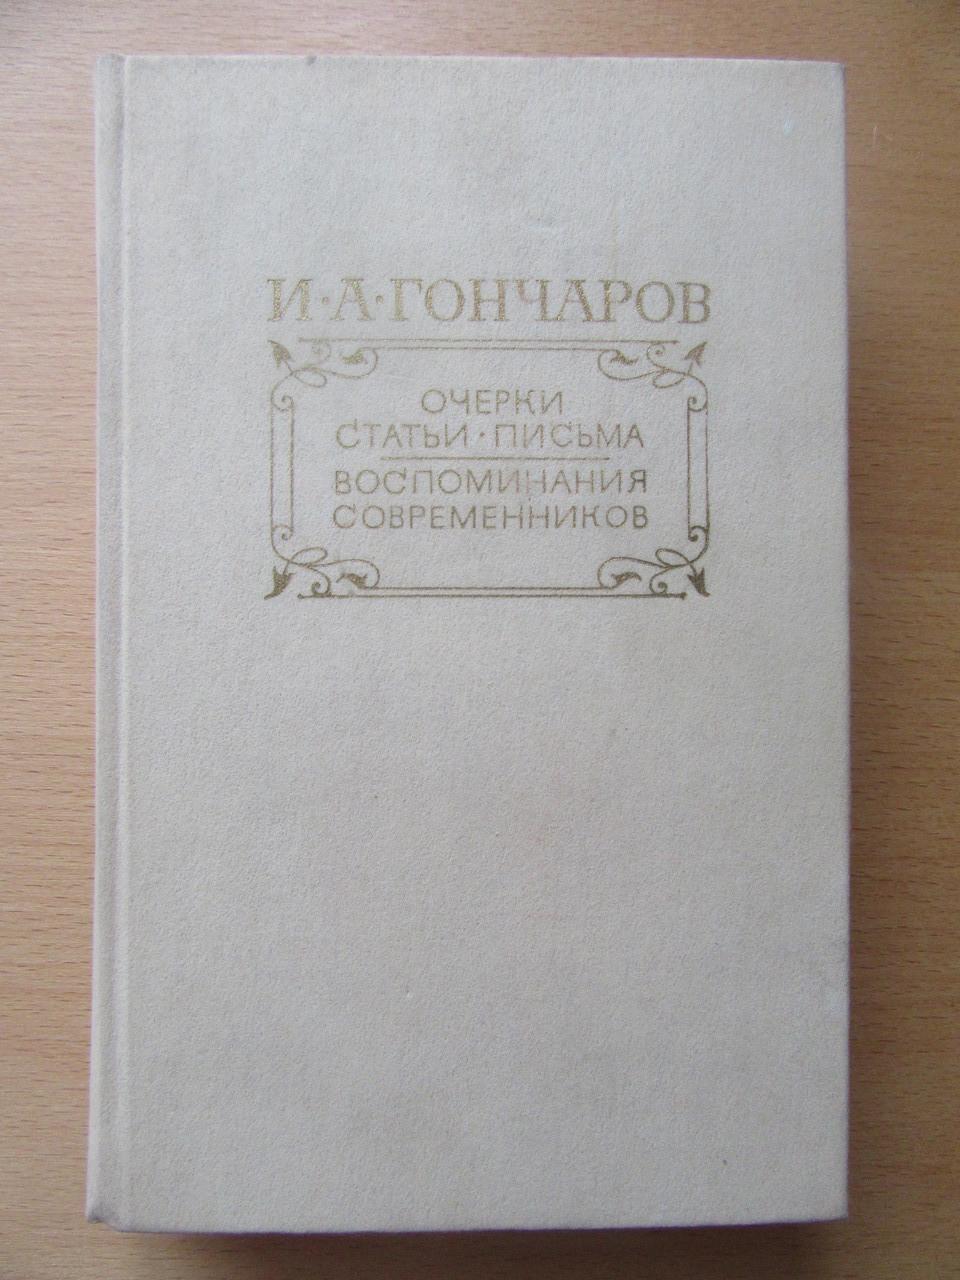 В. А. Гончаров. Нариси. Литературнач критика. Листа. Спогади сучасників